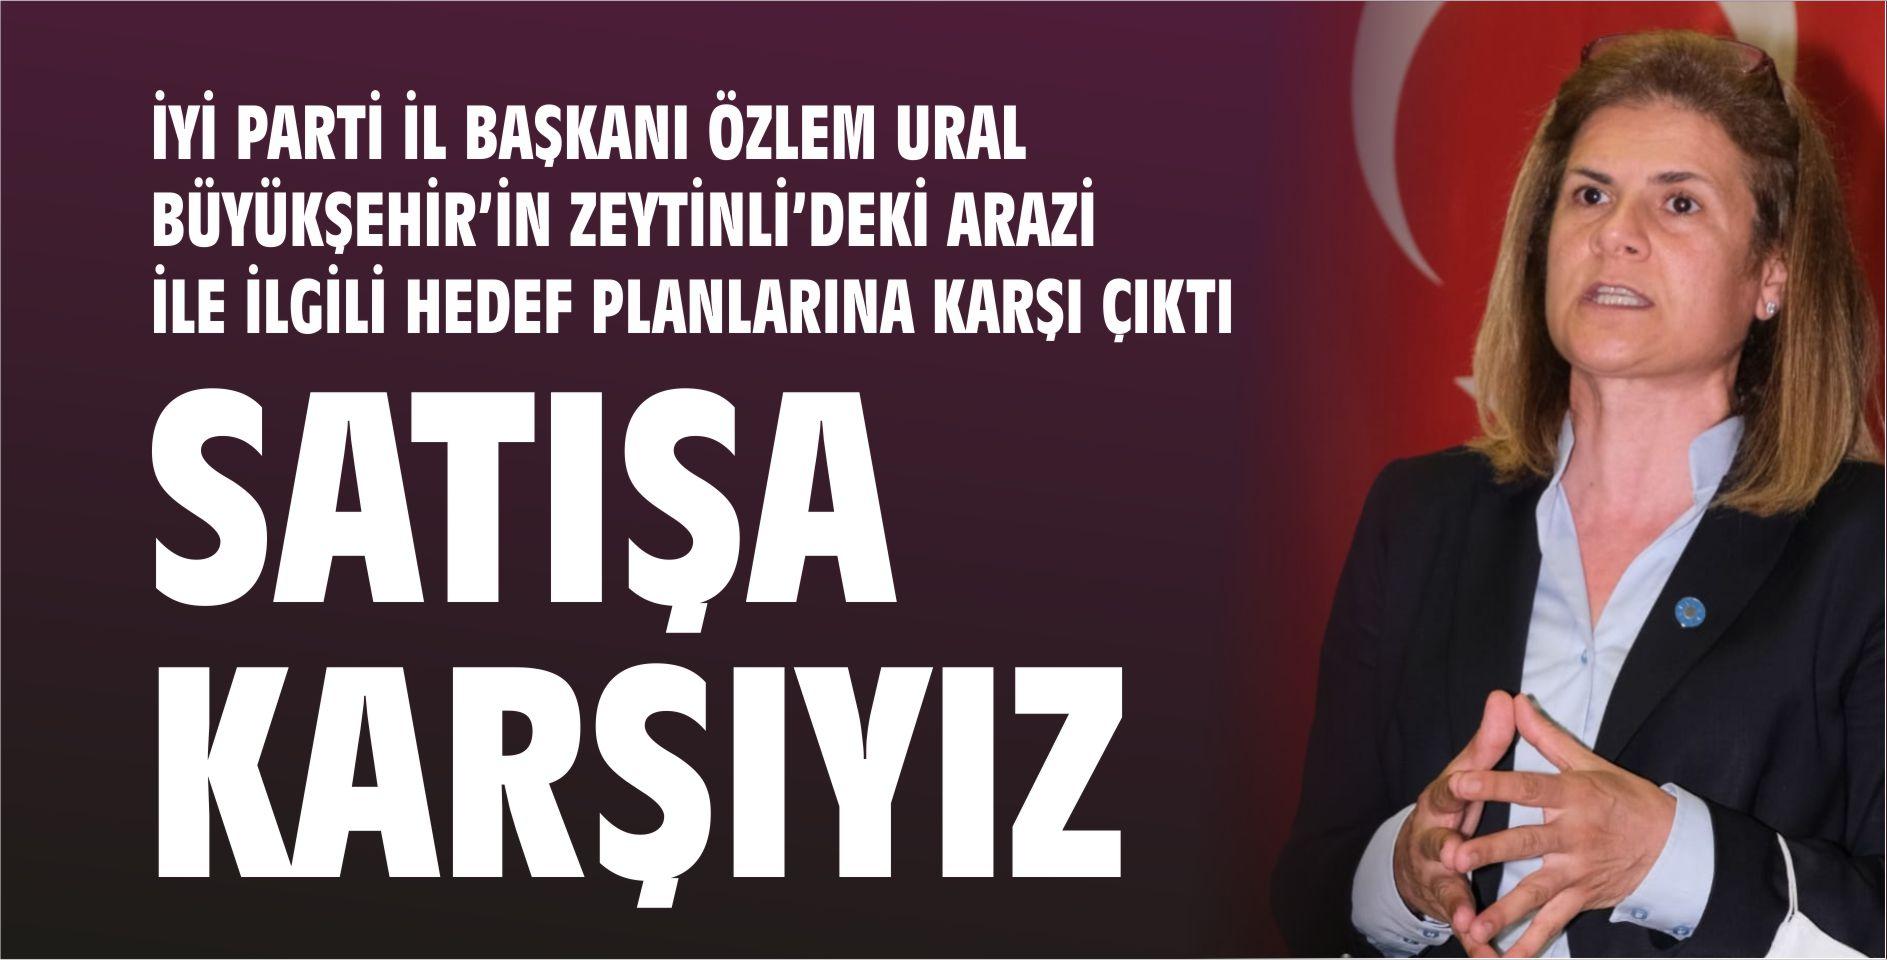 İYİ PARTİ İL BAŞKANI ÖZLEM URAL POLİTİKA'NIN SORULARINI YANITLADI